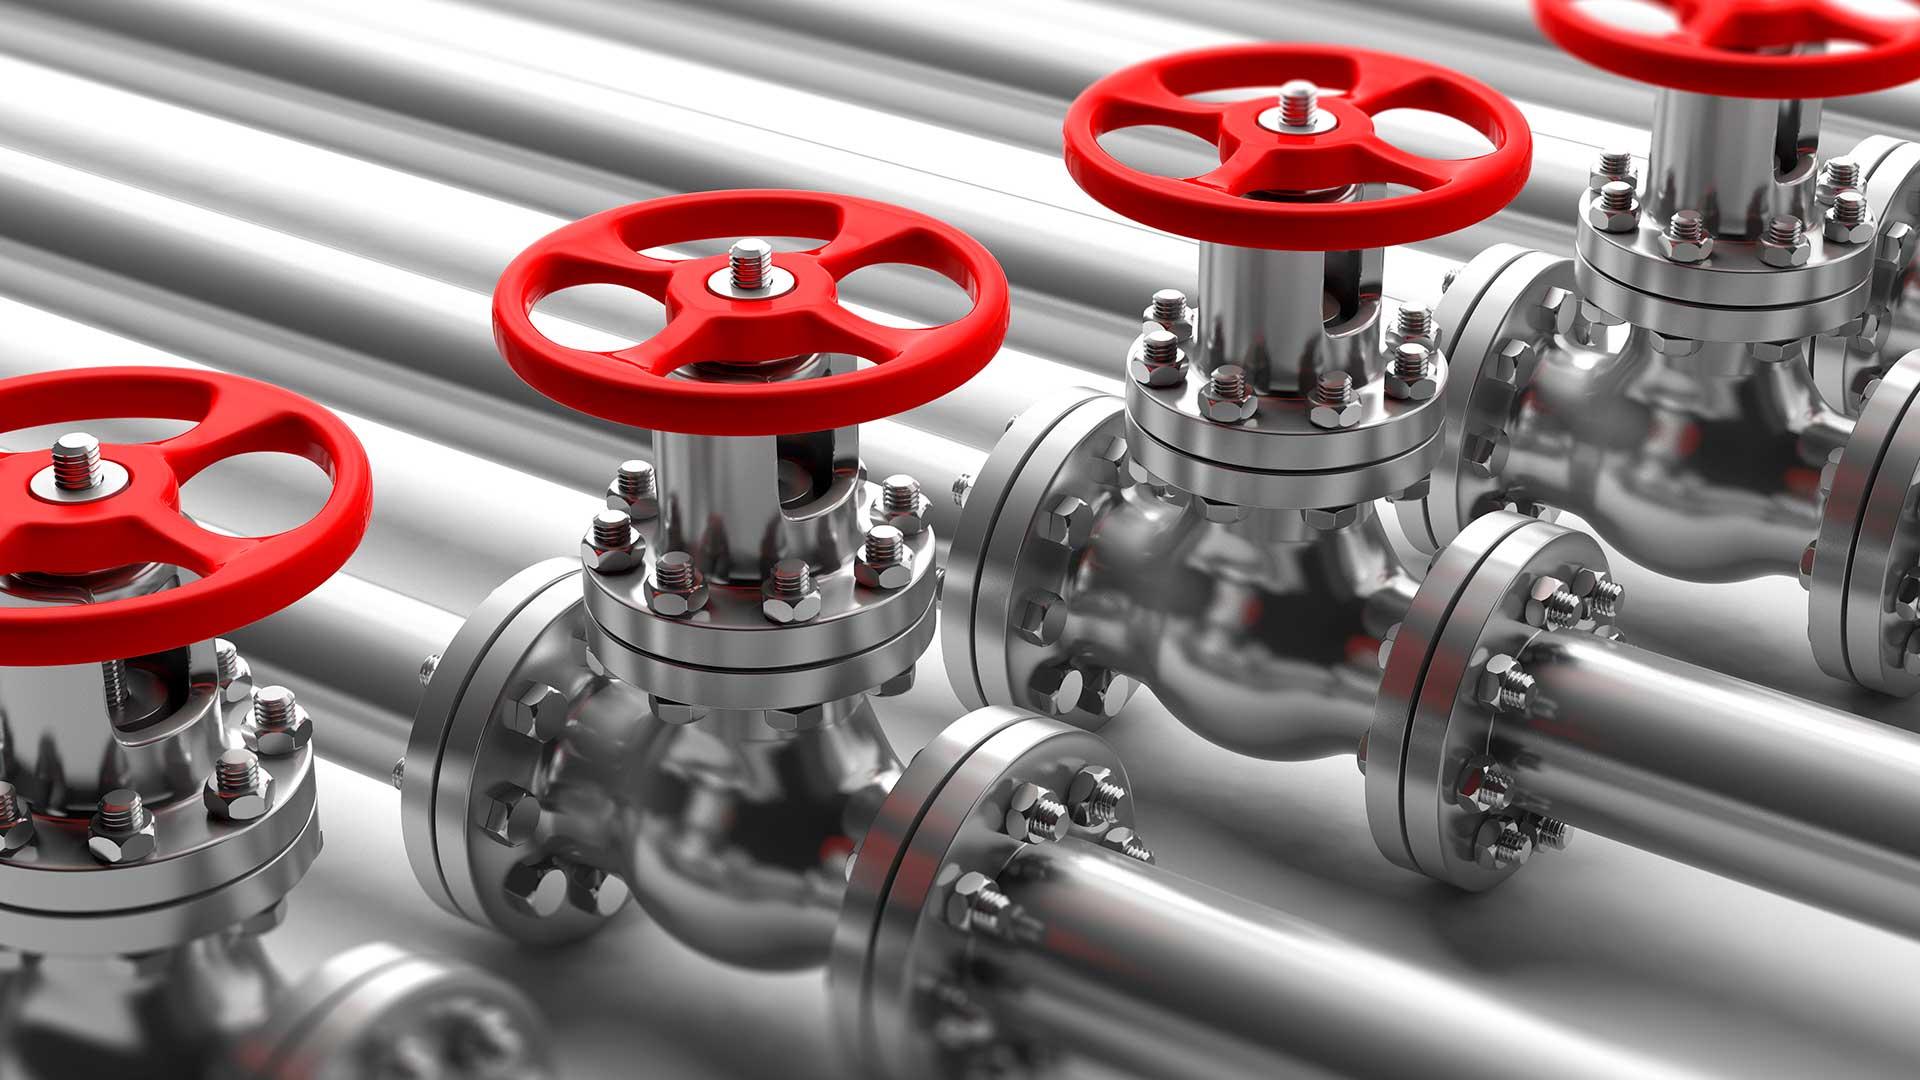 Arquitectura-industrial-imagen-web-tuberias-llaves-de-paso-grupoaudiovisual